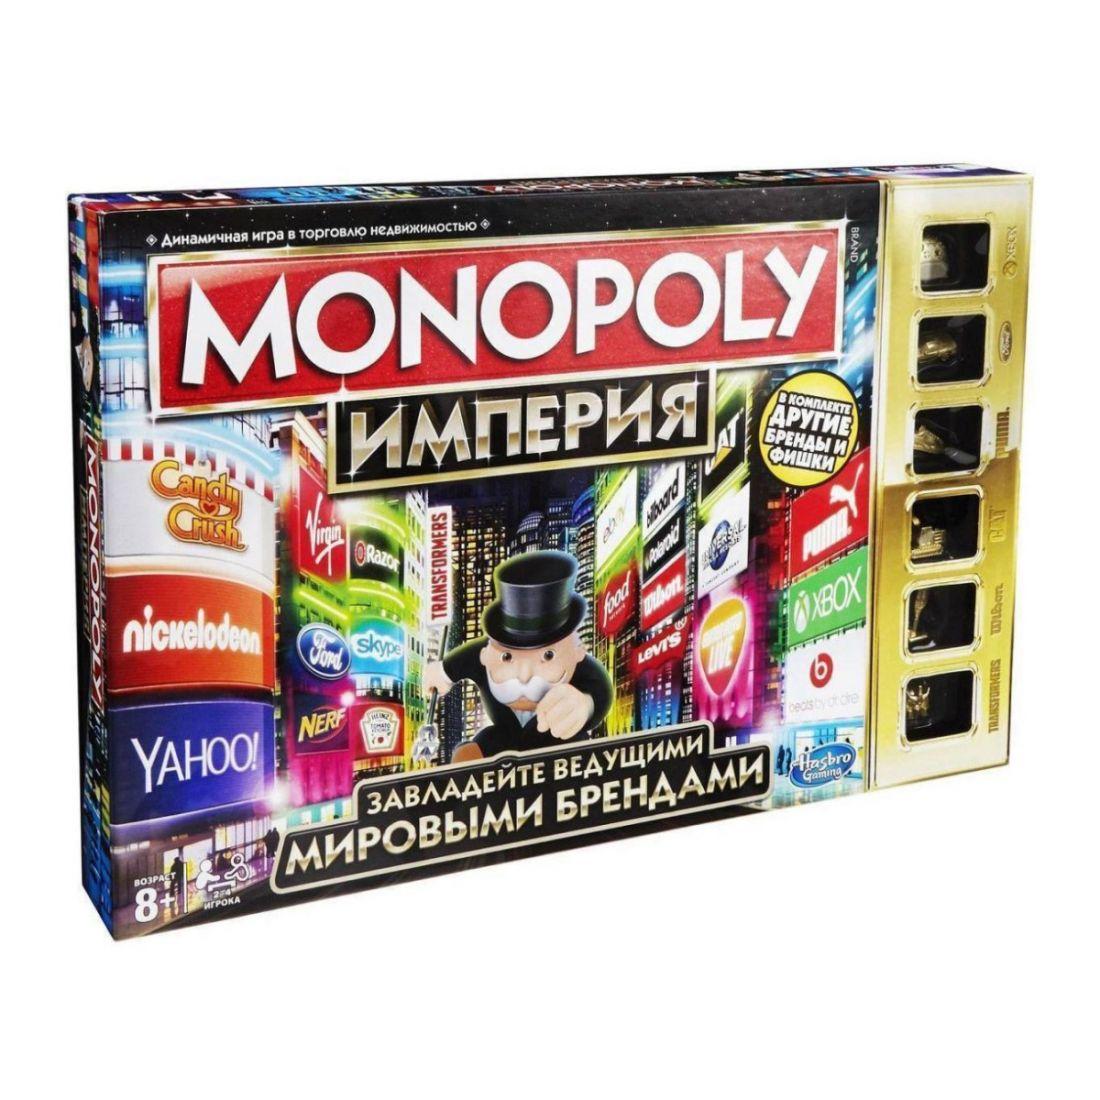 Прокат Монополия / MONOPOLY: Империя